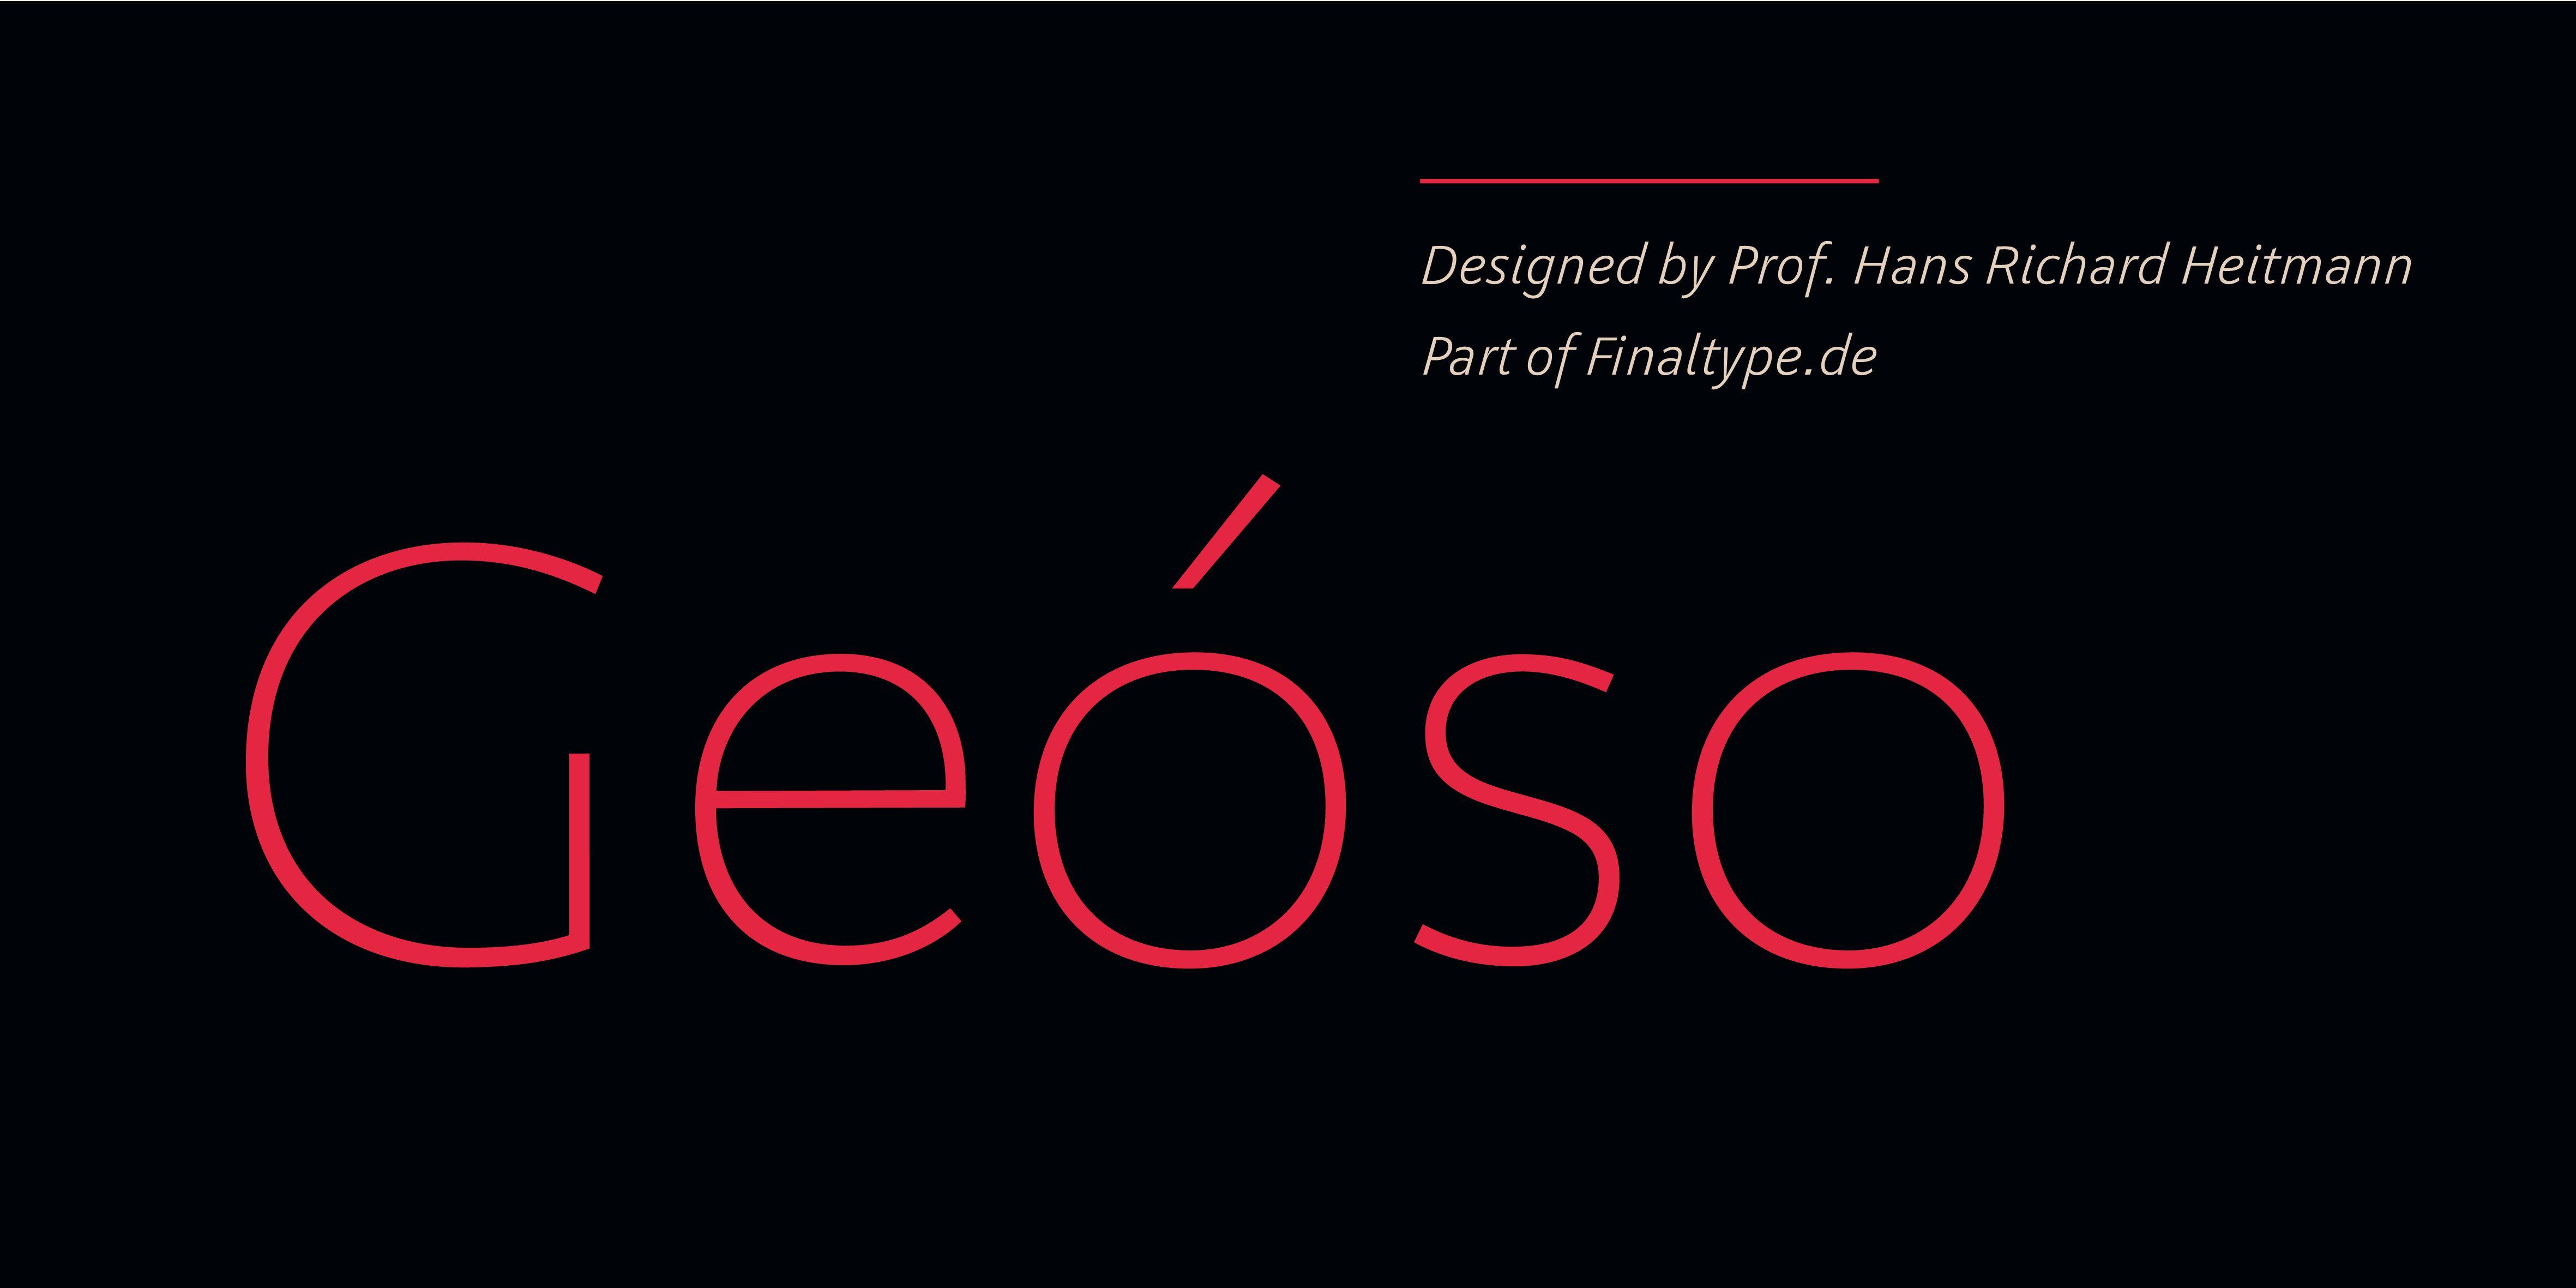 Poster: Geóso designed by Prof. Hans Richard Heitmann